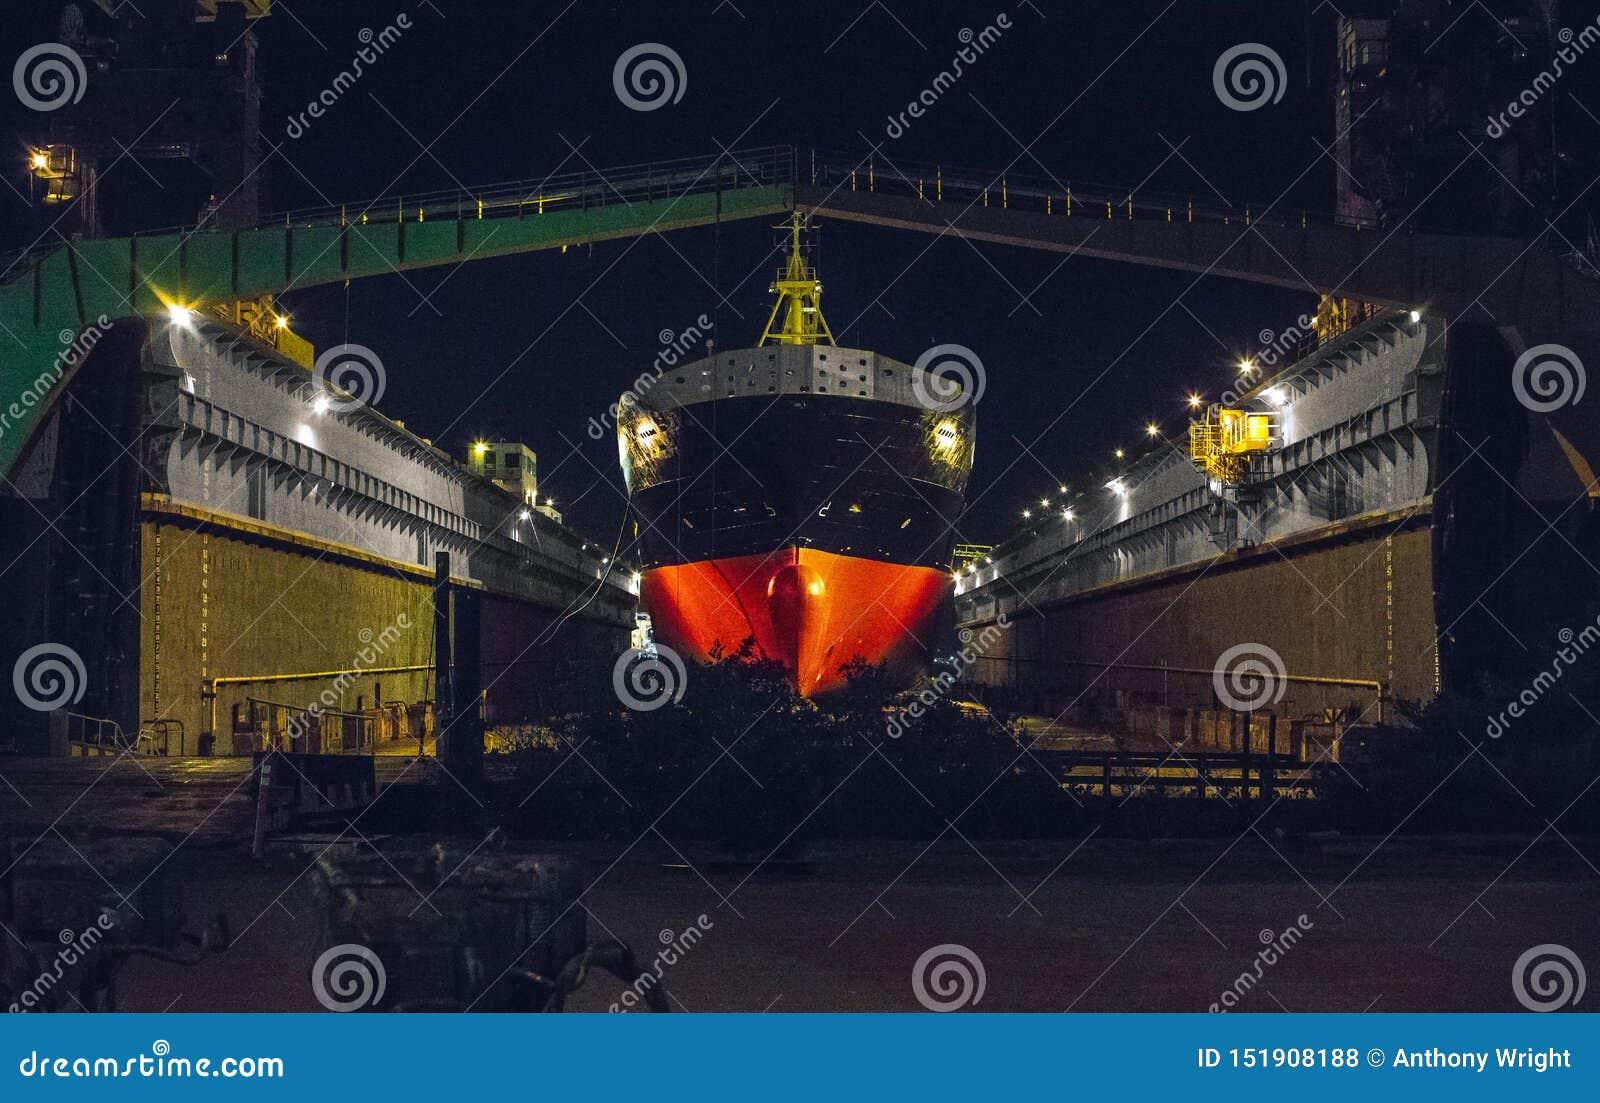 Ship in the ship yard